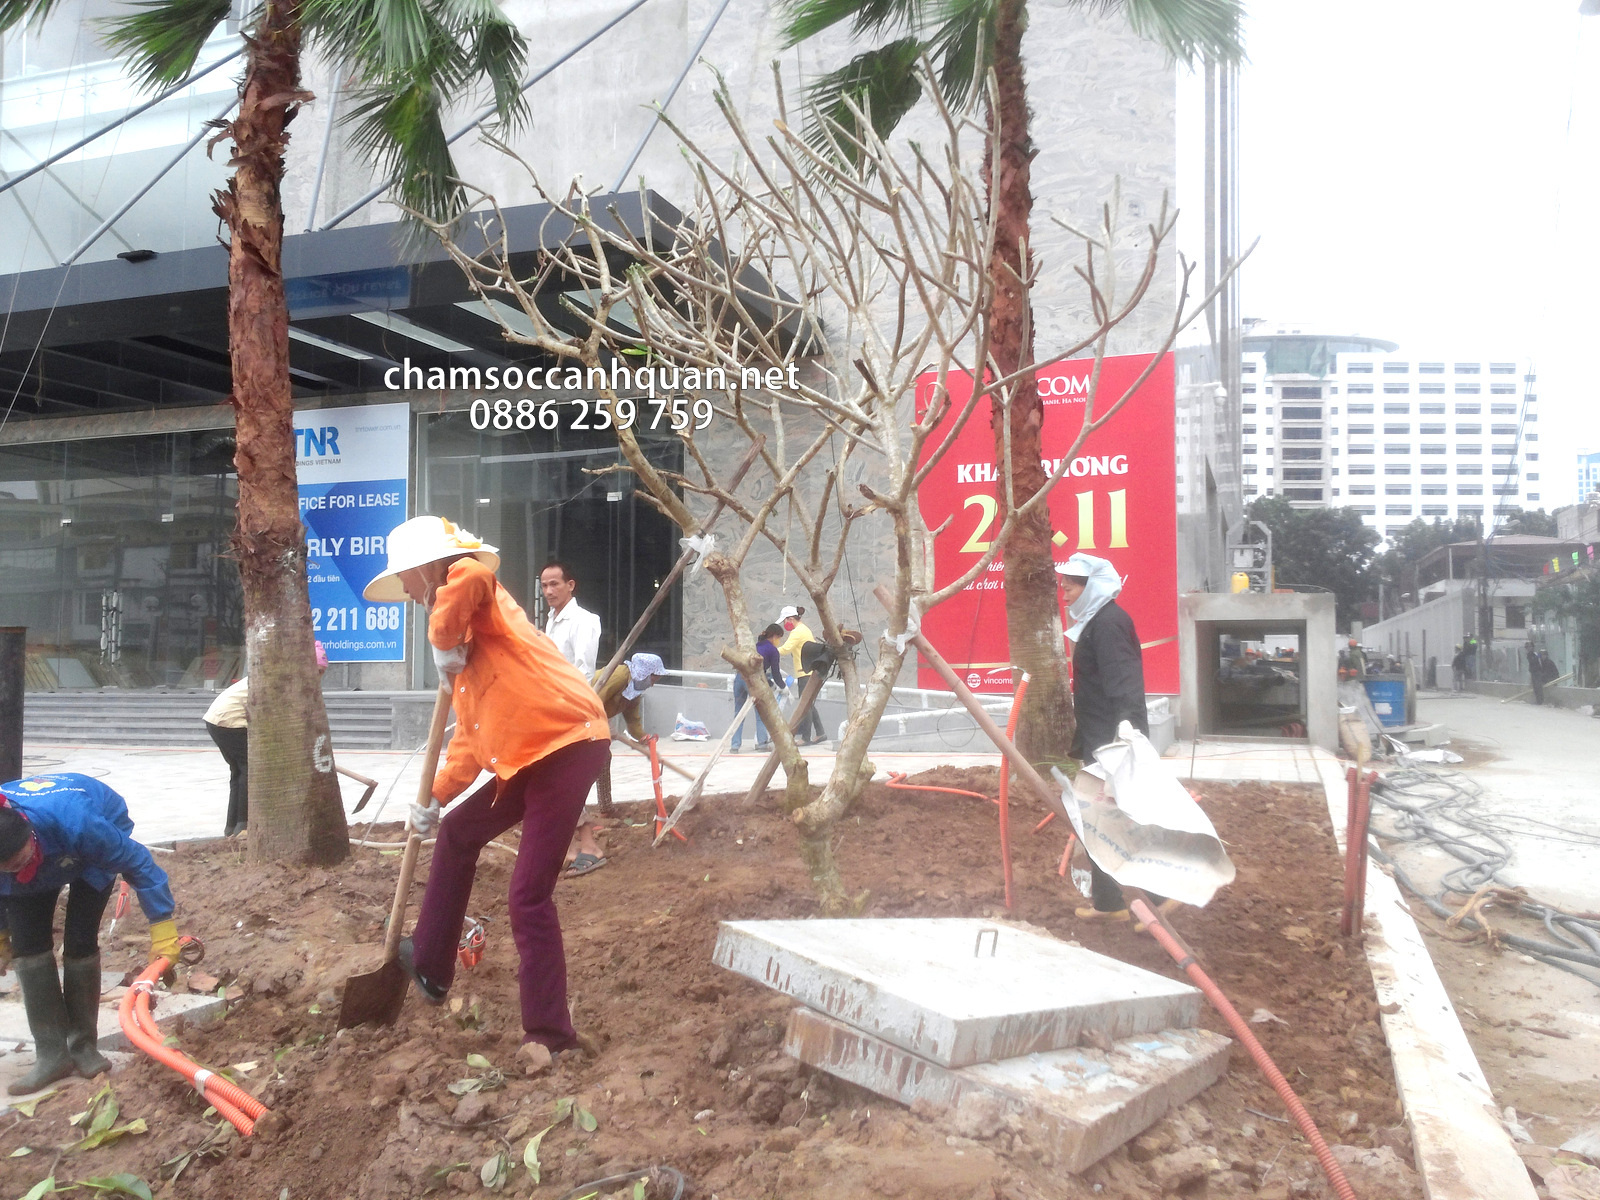 Thi công cảnh quan Vinhomes Nguyễn Chí Thanh - SalalaGreen